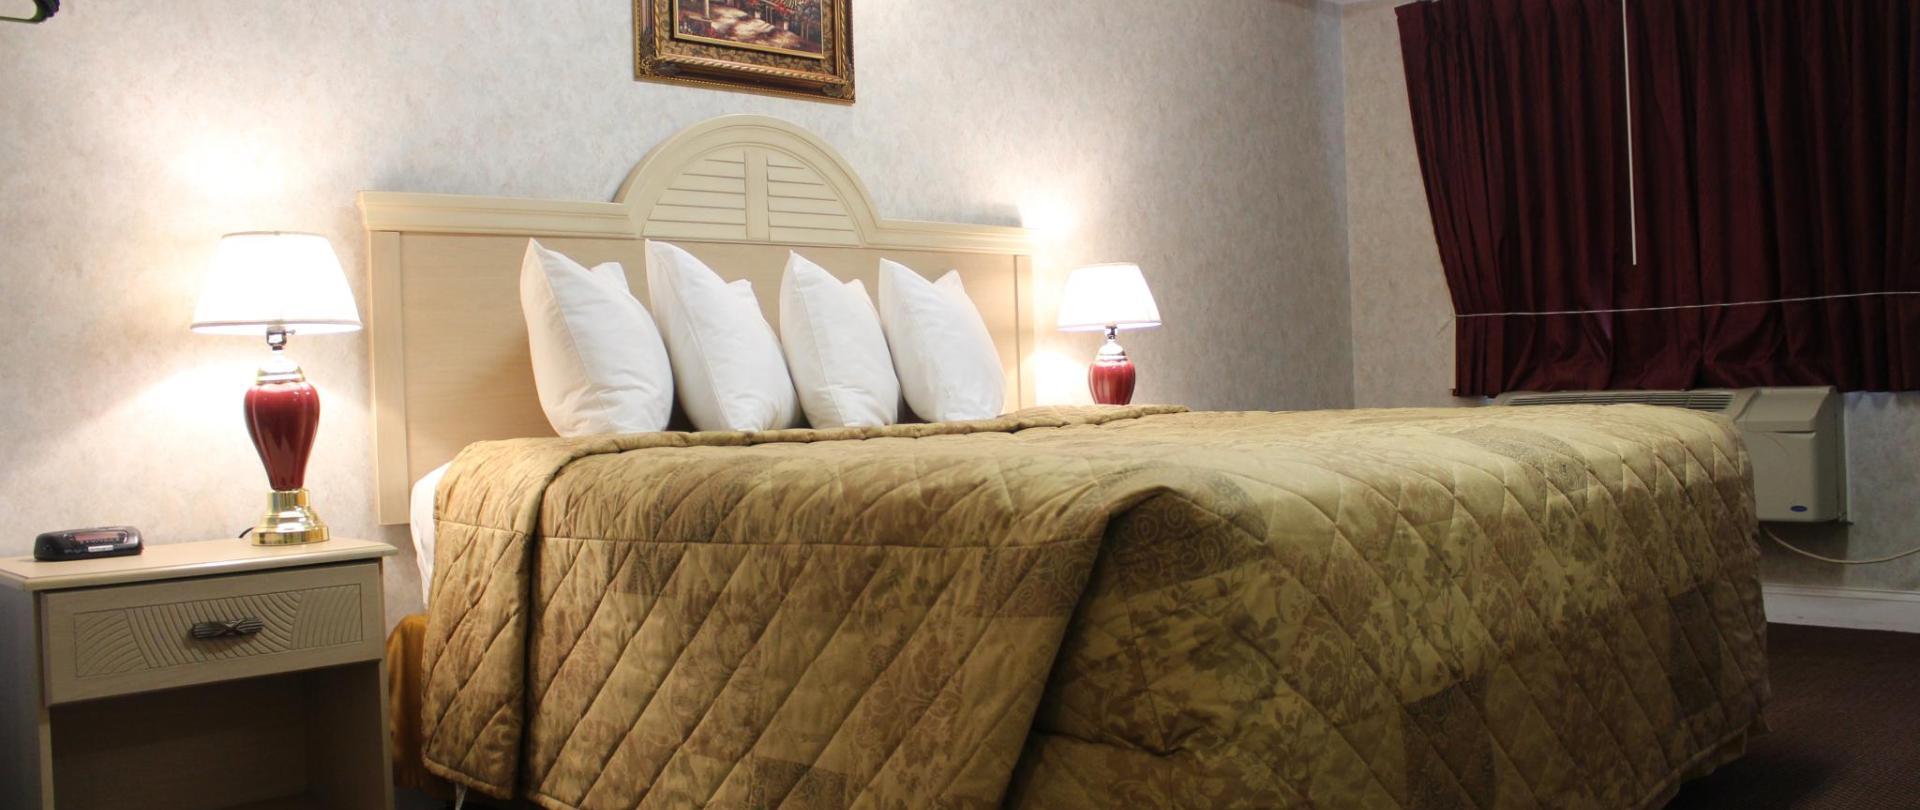 Deluxe King Bed 5.JPG